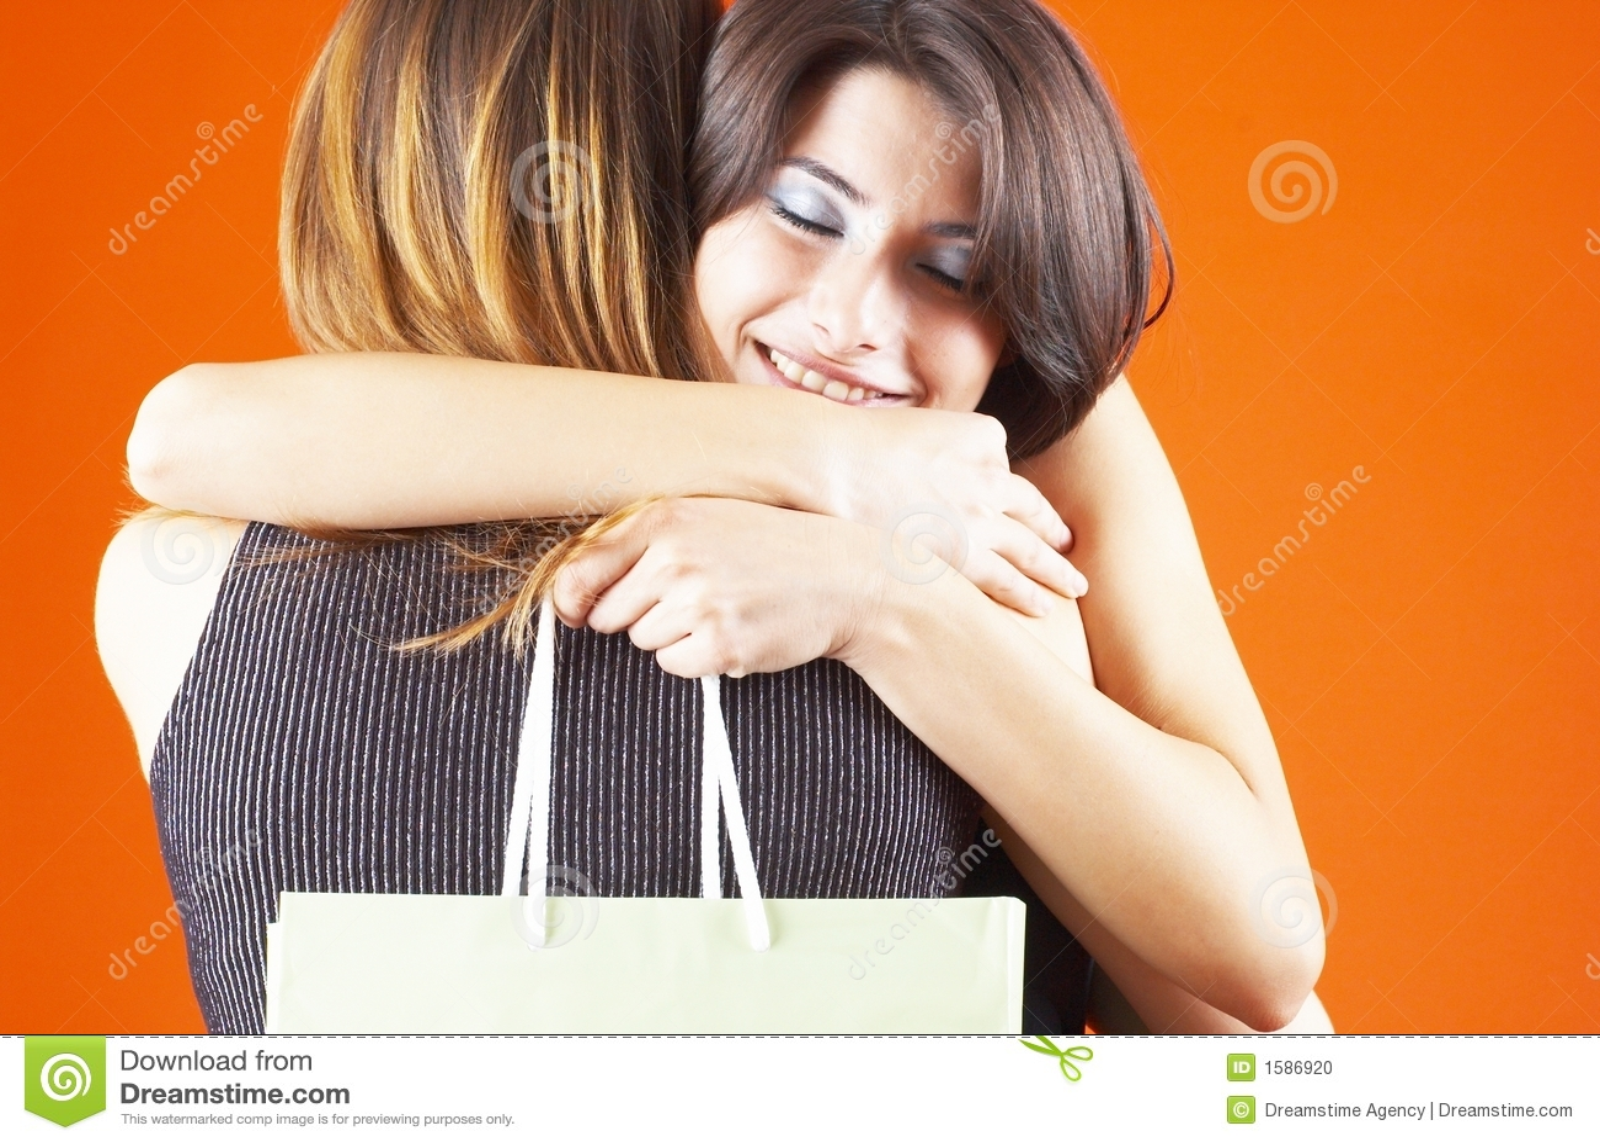 Hug For A Gift